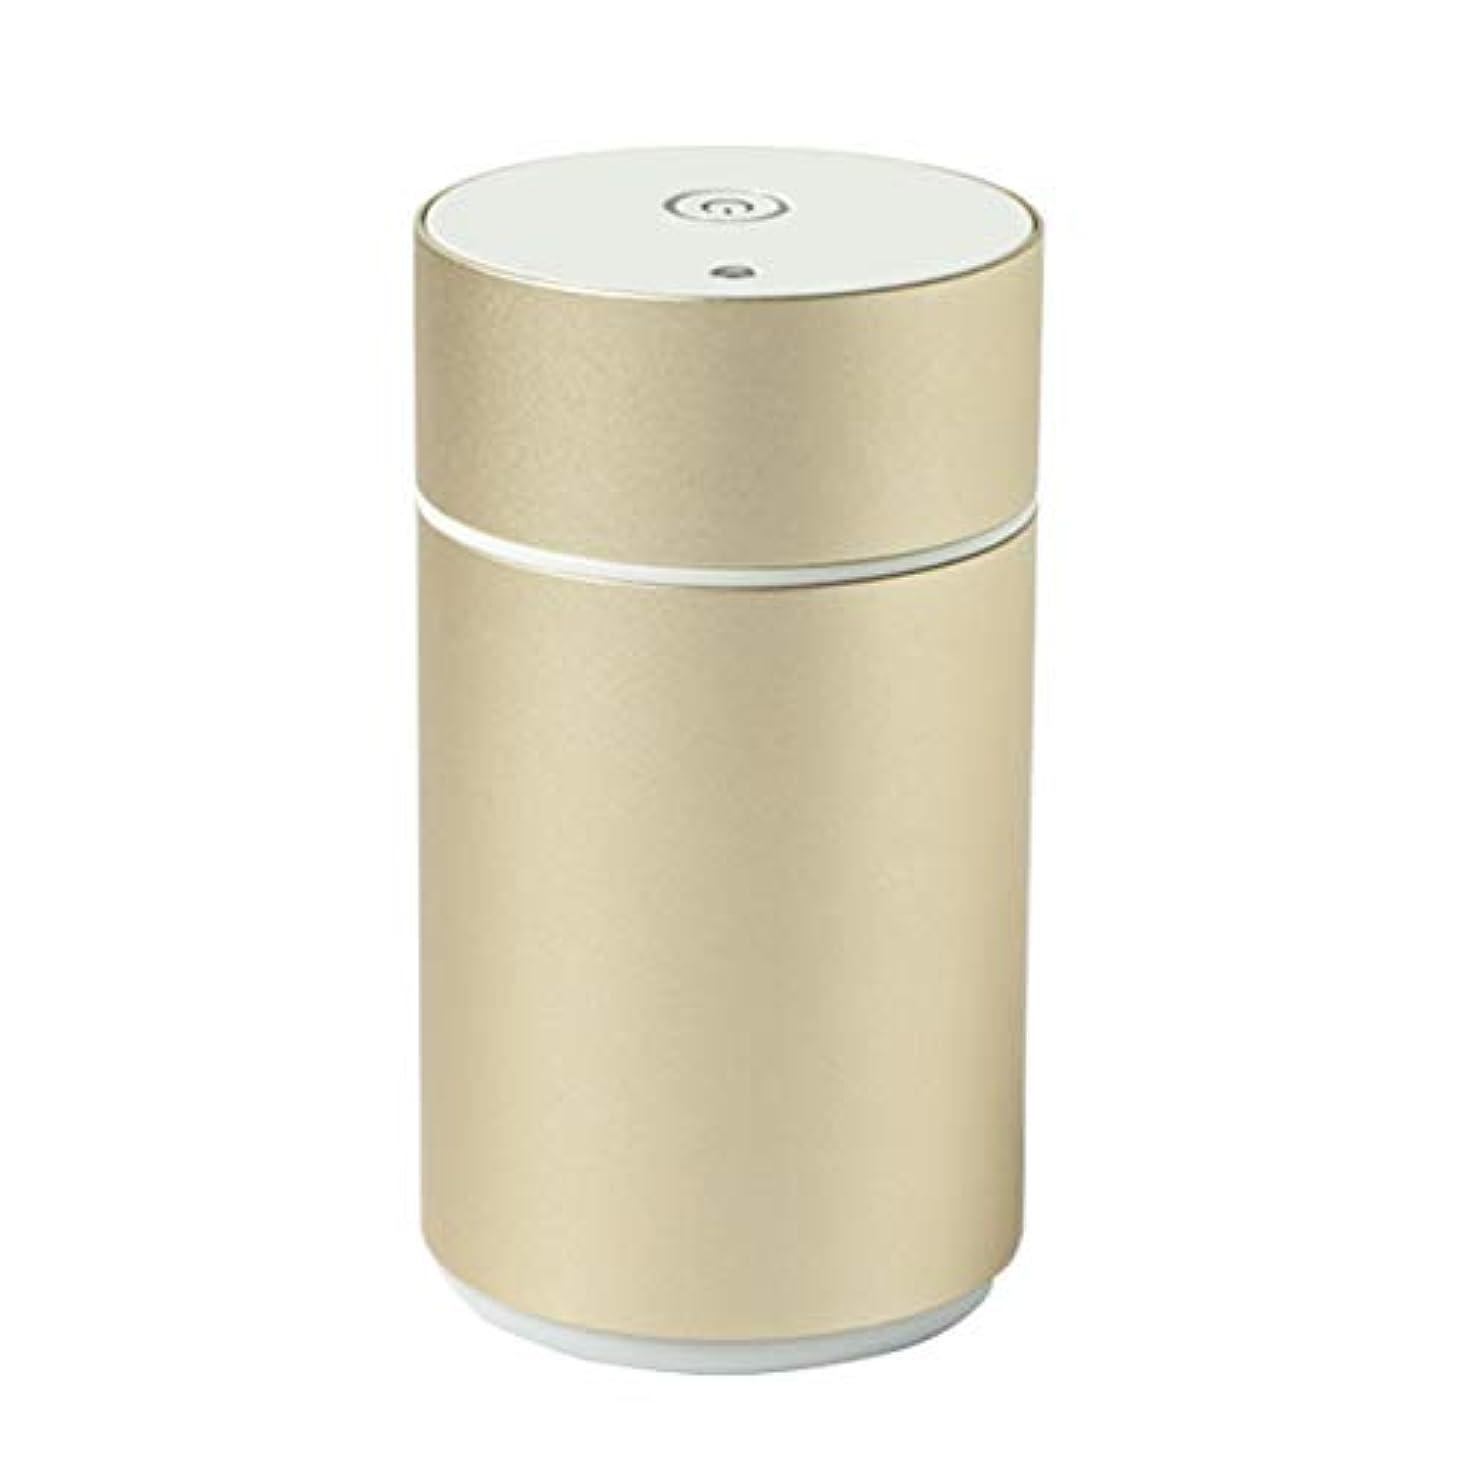 パーティション書き込み価格生活の木 アロモア ミニ ゴールド (aromore mini gold) (エッセンシャルオイルディフューザー) (圧縮微粒子式アロマディフューザー)